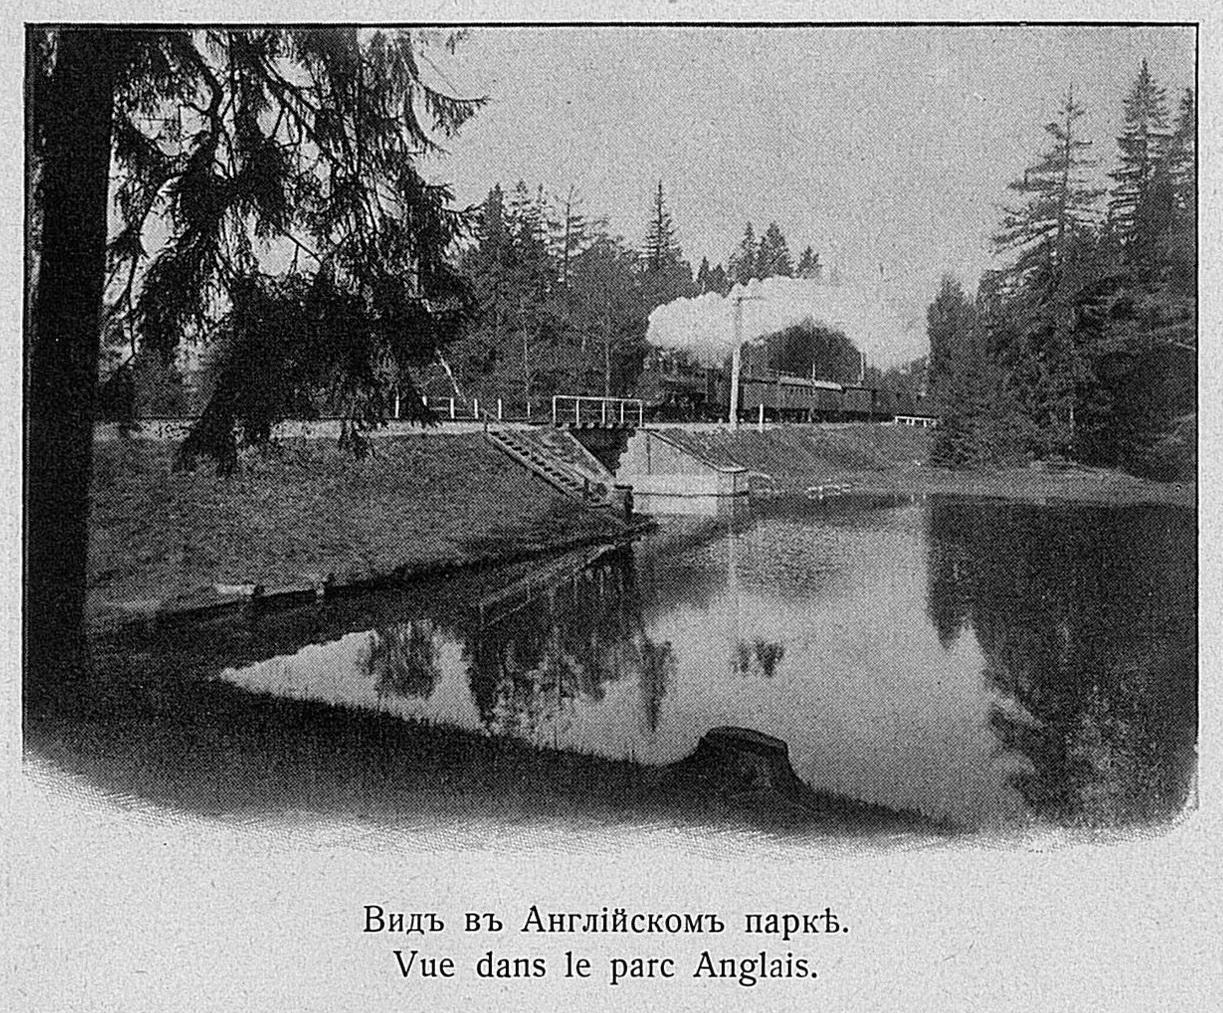 Железнодорожный мост в Английском парке